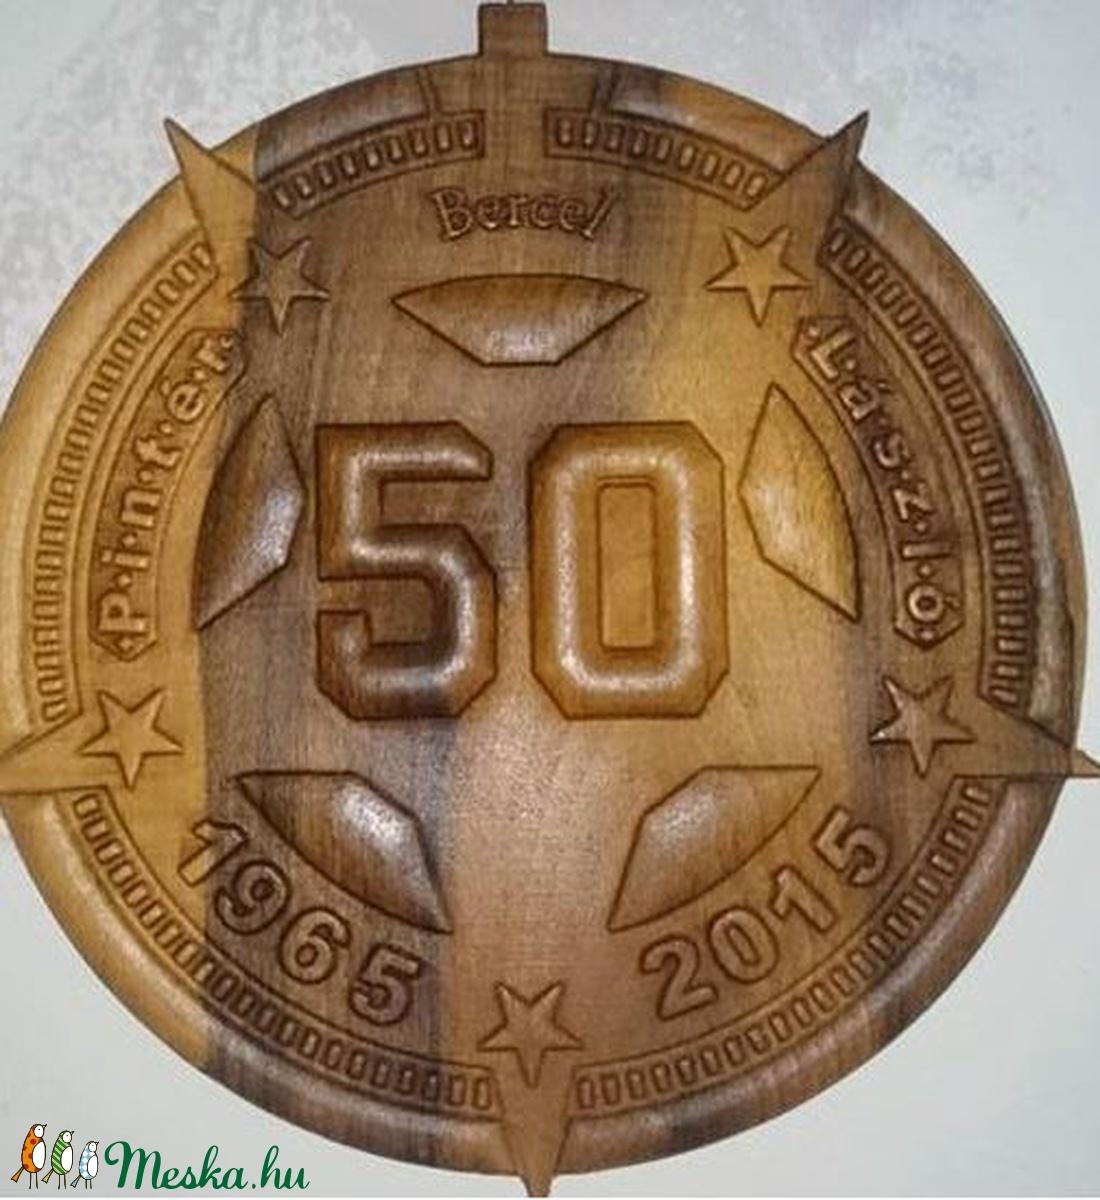 Születésnapi kép  - 50. születésnapra névvel, évszámokkal, csillag alakú (3Dfamuves) - Meska.hu